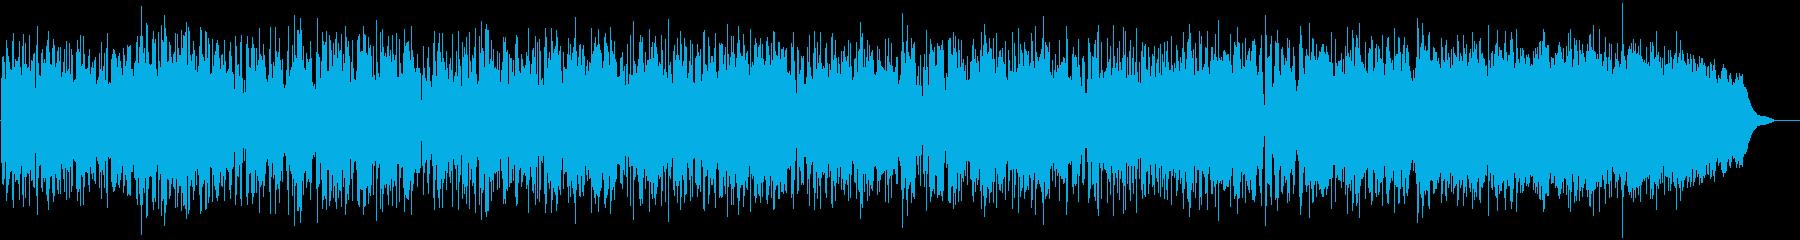 80年代のグラムロックサウンドトラ...の再生済みの波形